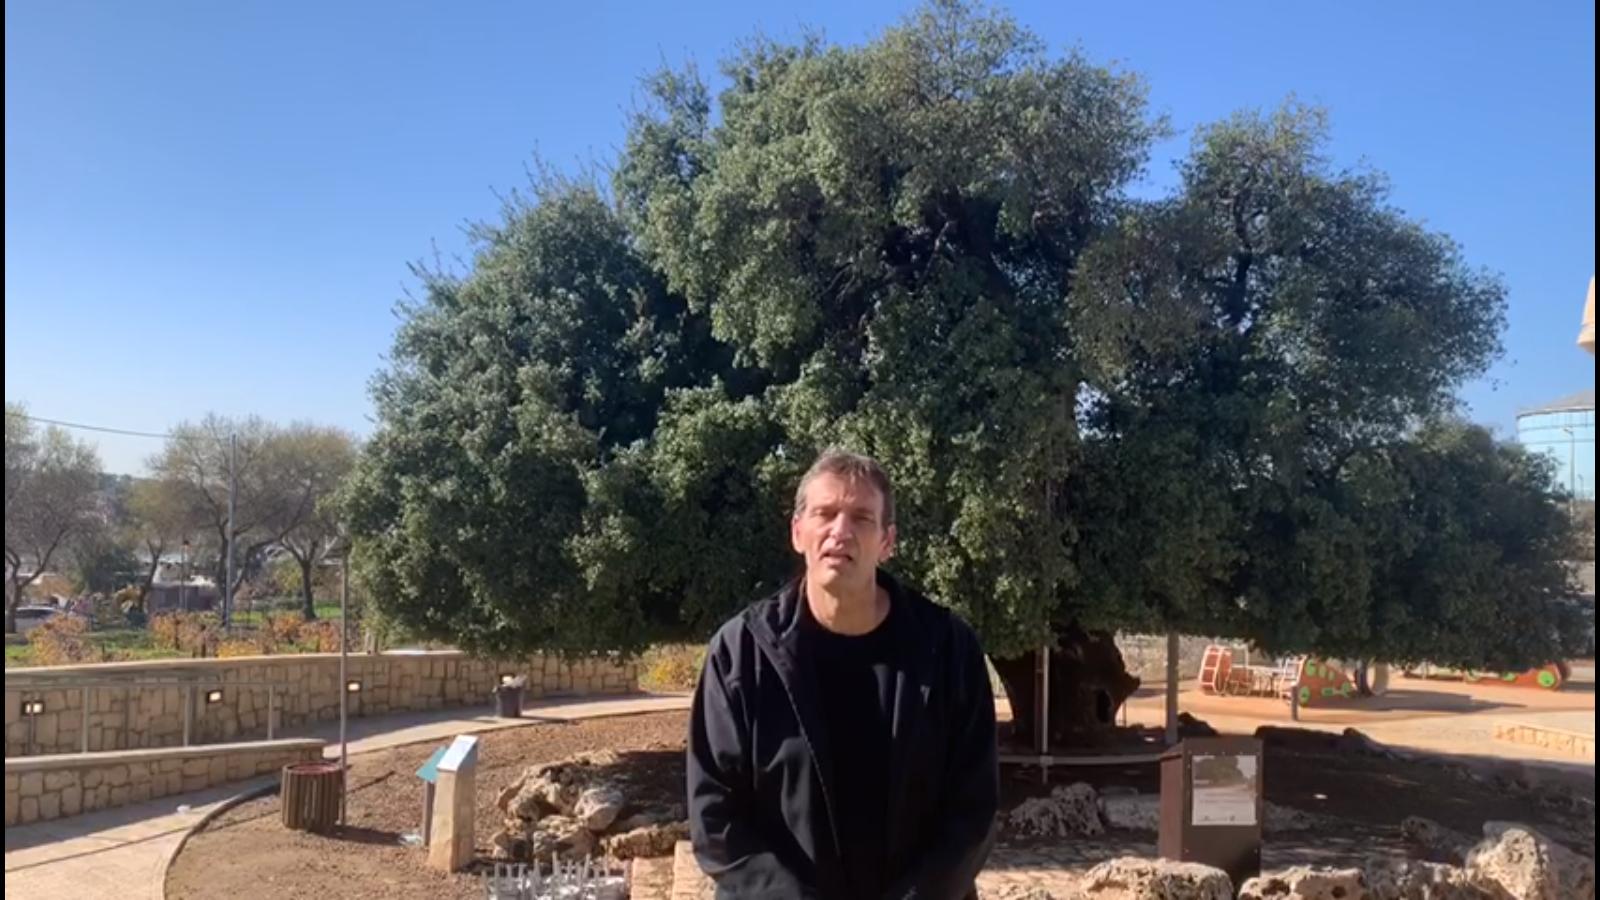 Mensaje de Navidad del director general del Ministerio de Turismo de Israel, Amir Halevi